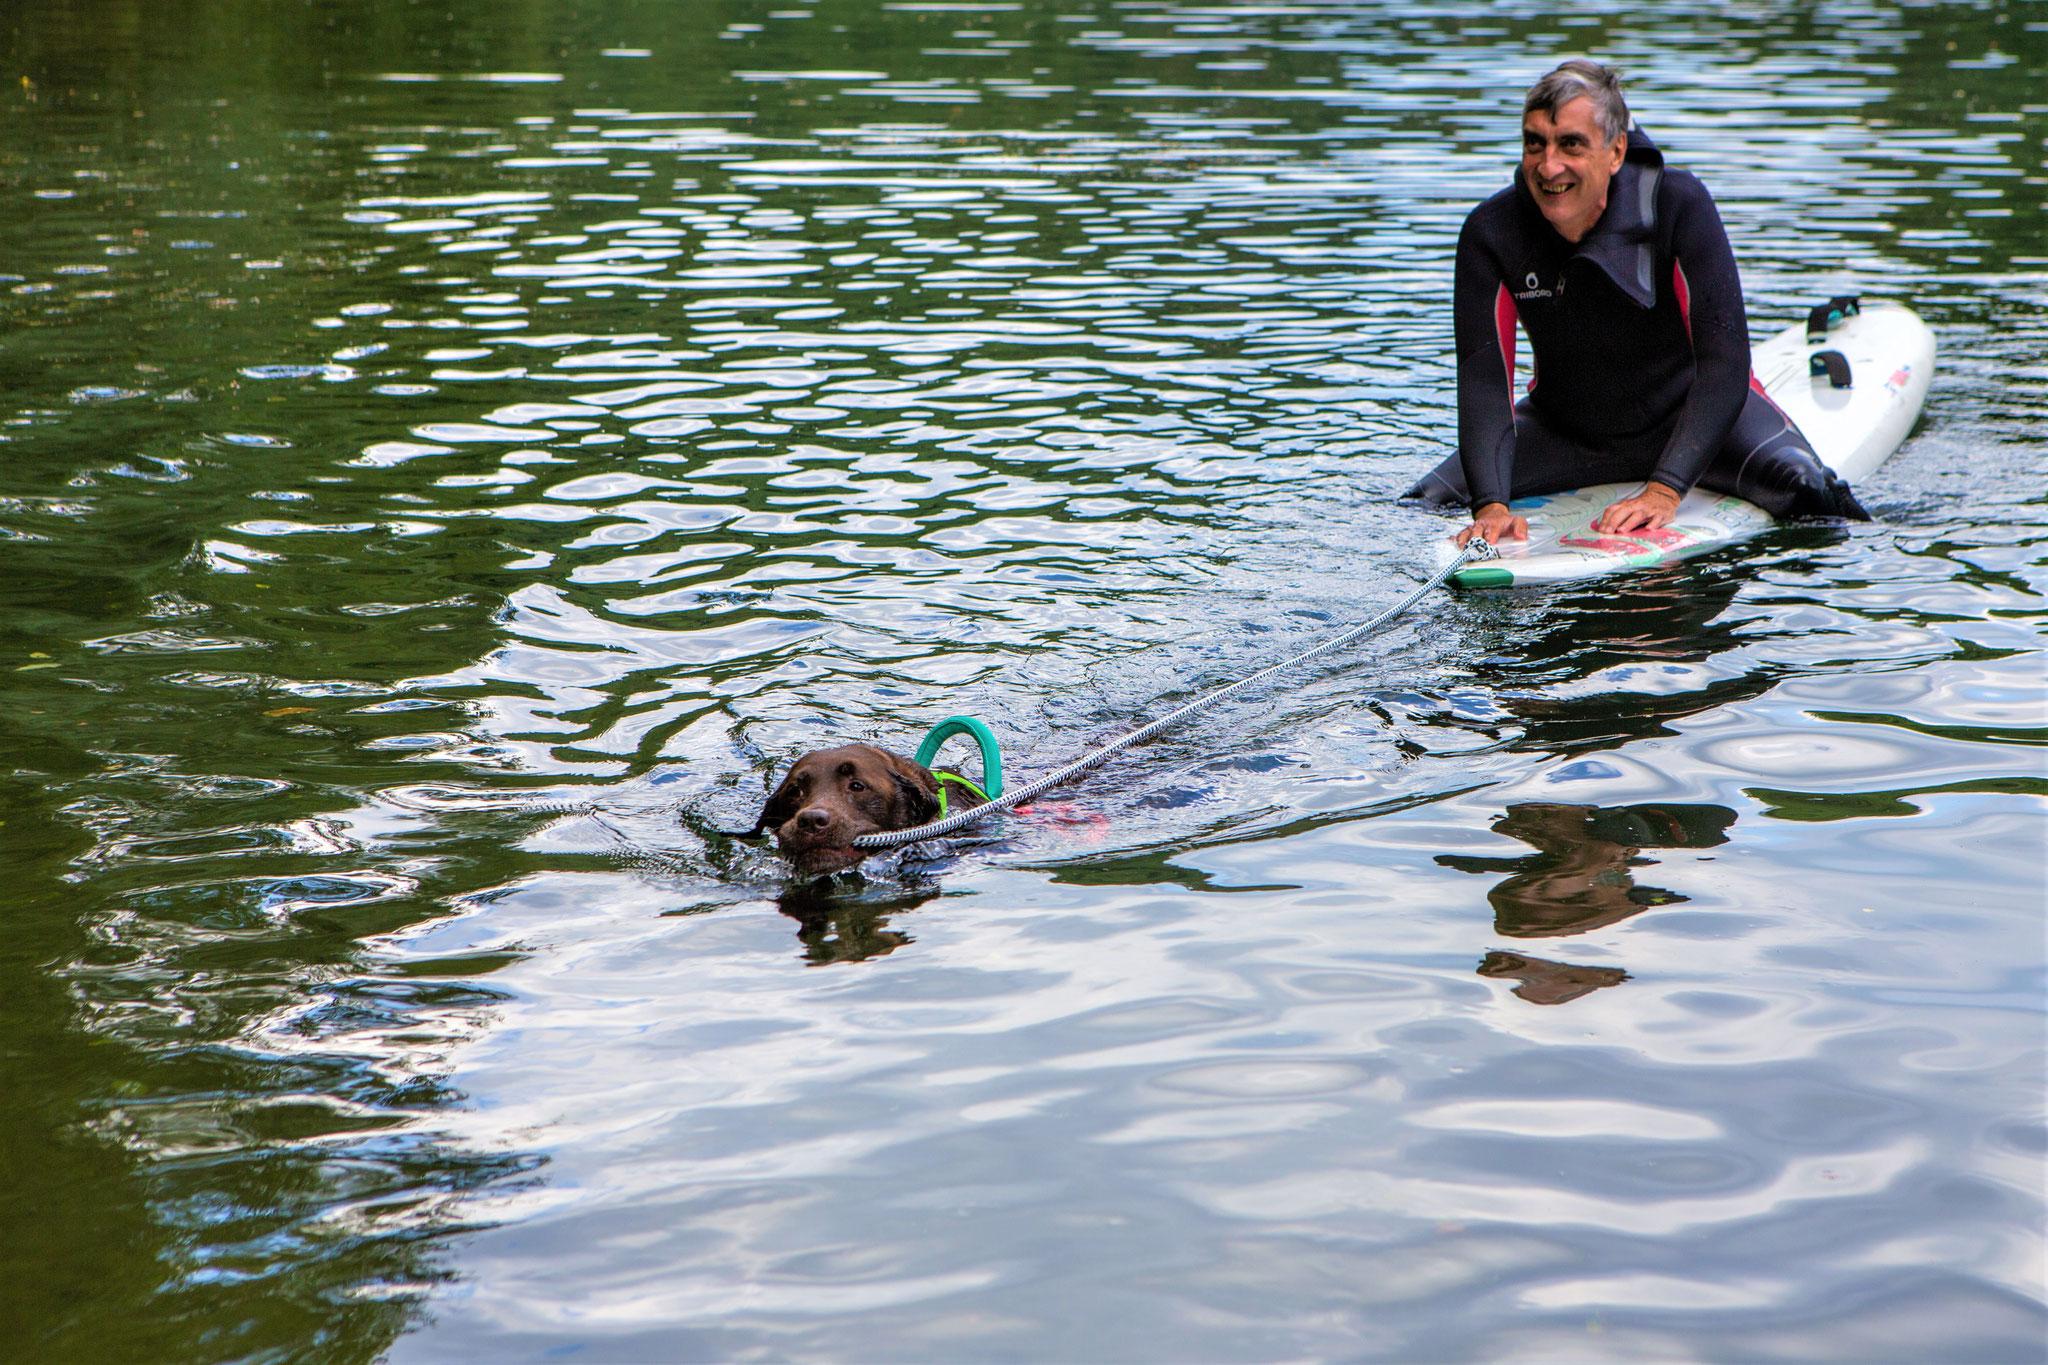 Ketty zieht das Surfbrett mit Yves.